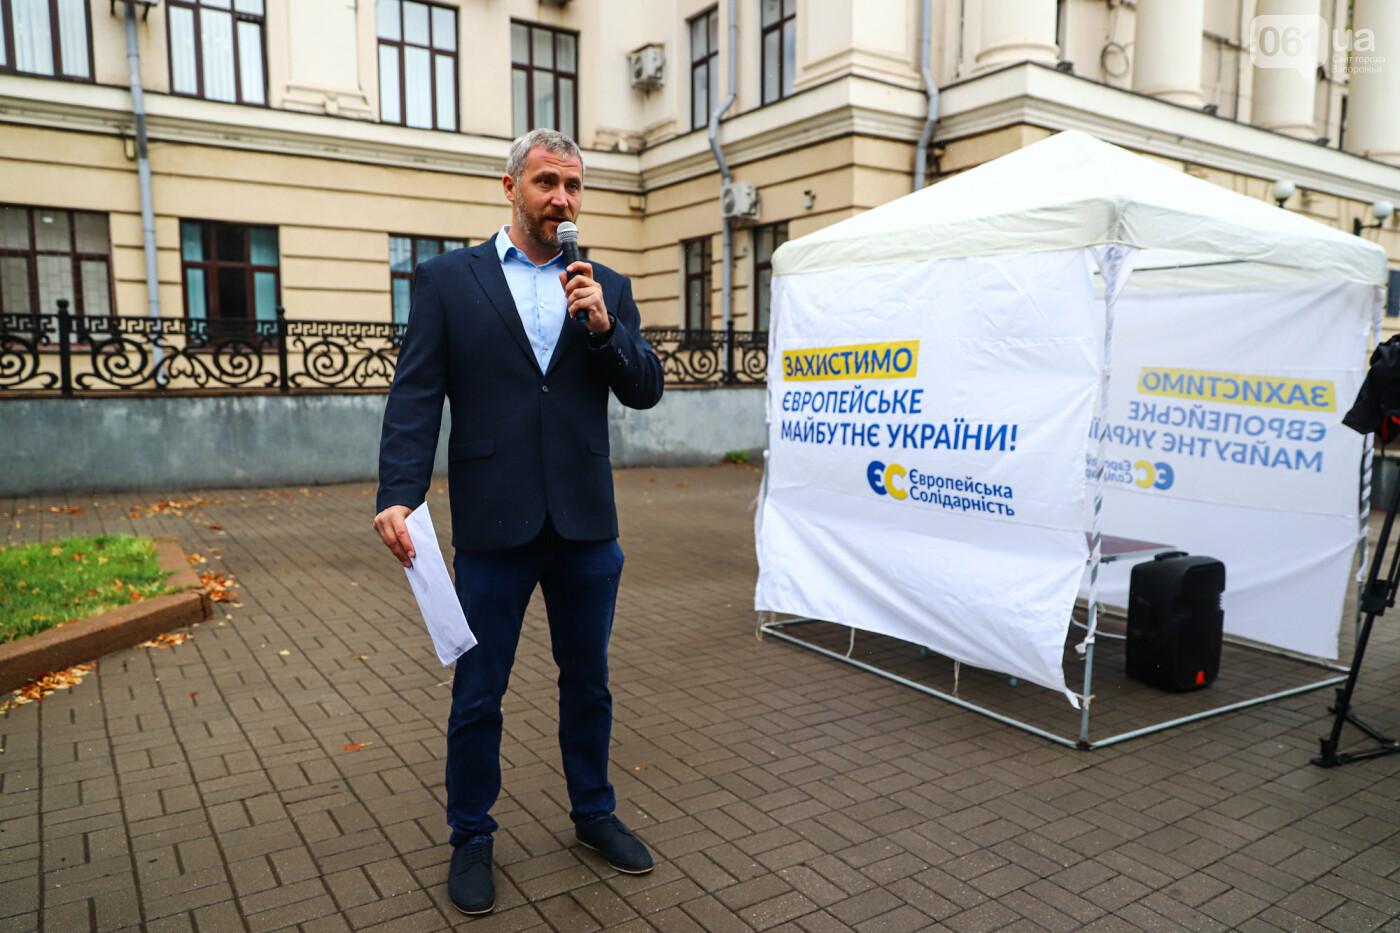 Кандидат в мэры Запорожья Валерий Прозапас вызвал Буряка на публичные дебаты, фото-1